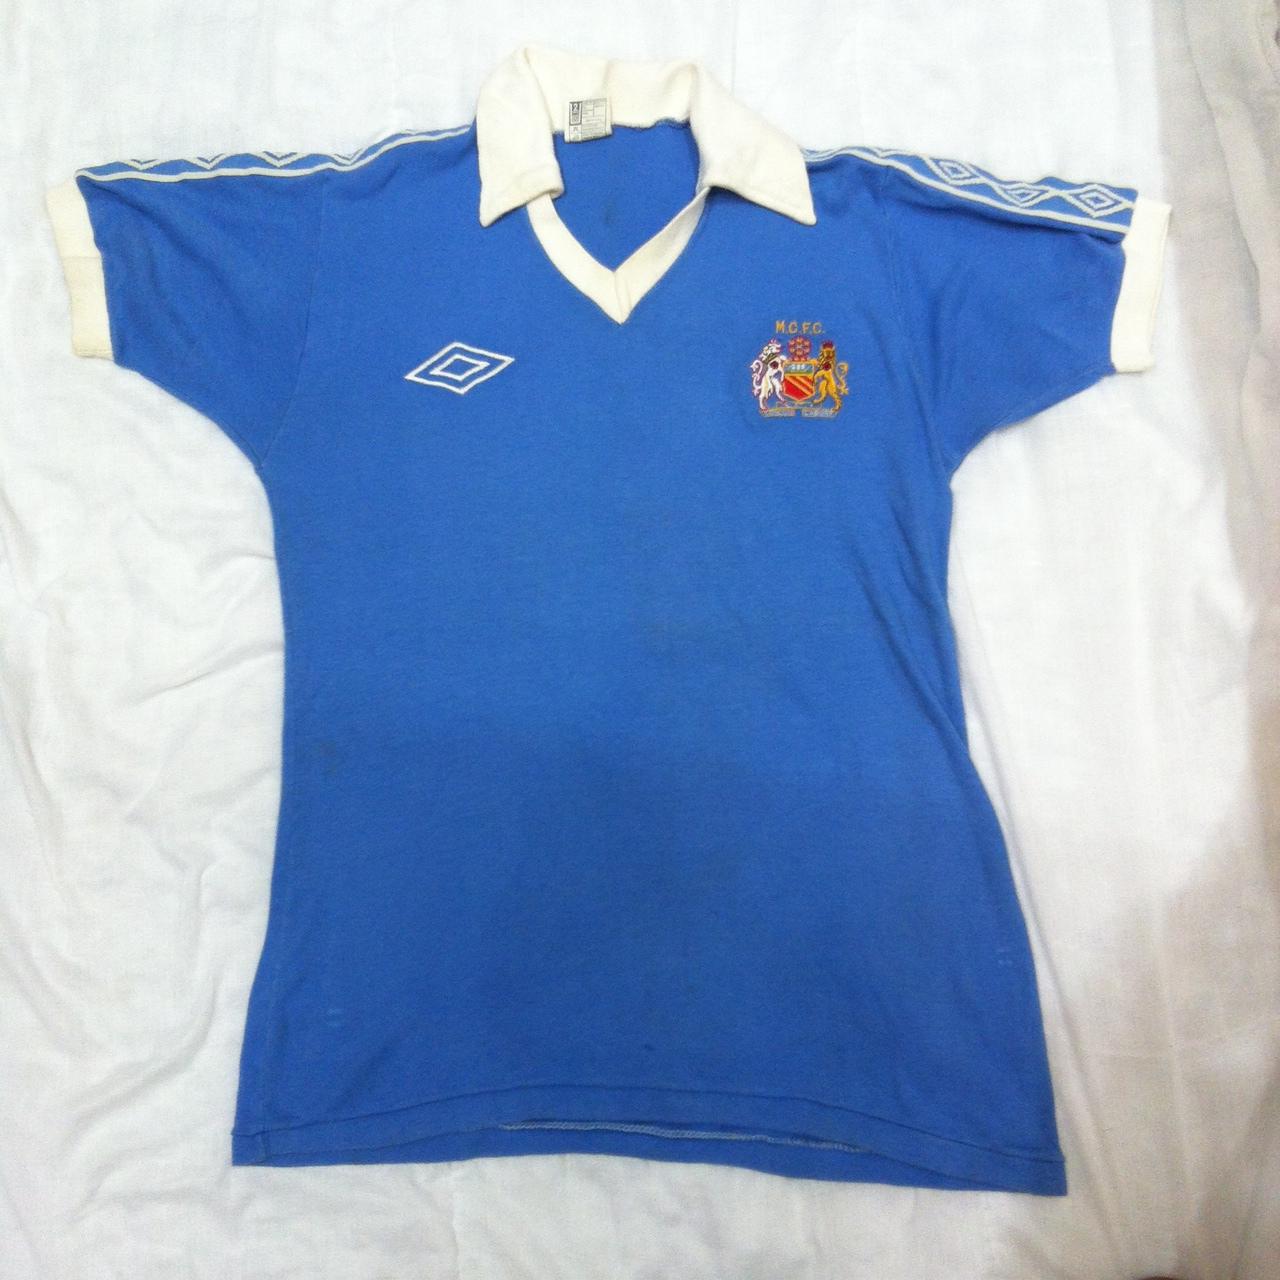 Fußball-Trikots von ausländischen Vereinen Manchester City maglia jersey shirt camiseta trikot Umbro 1981 football vintage Fußball-Trikots von englischen Vereinen